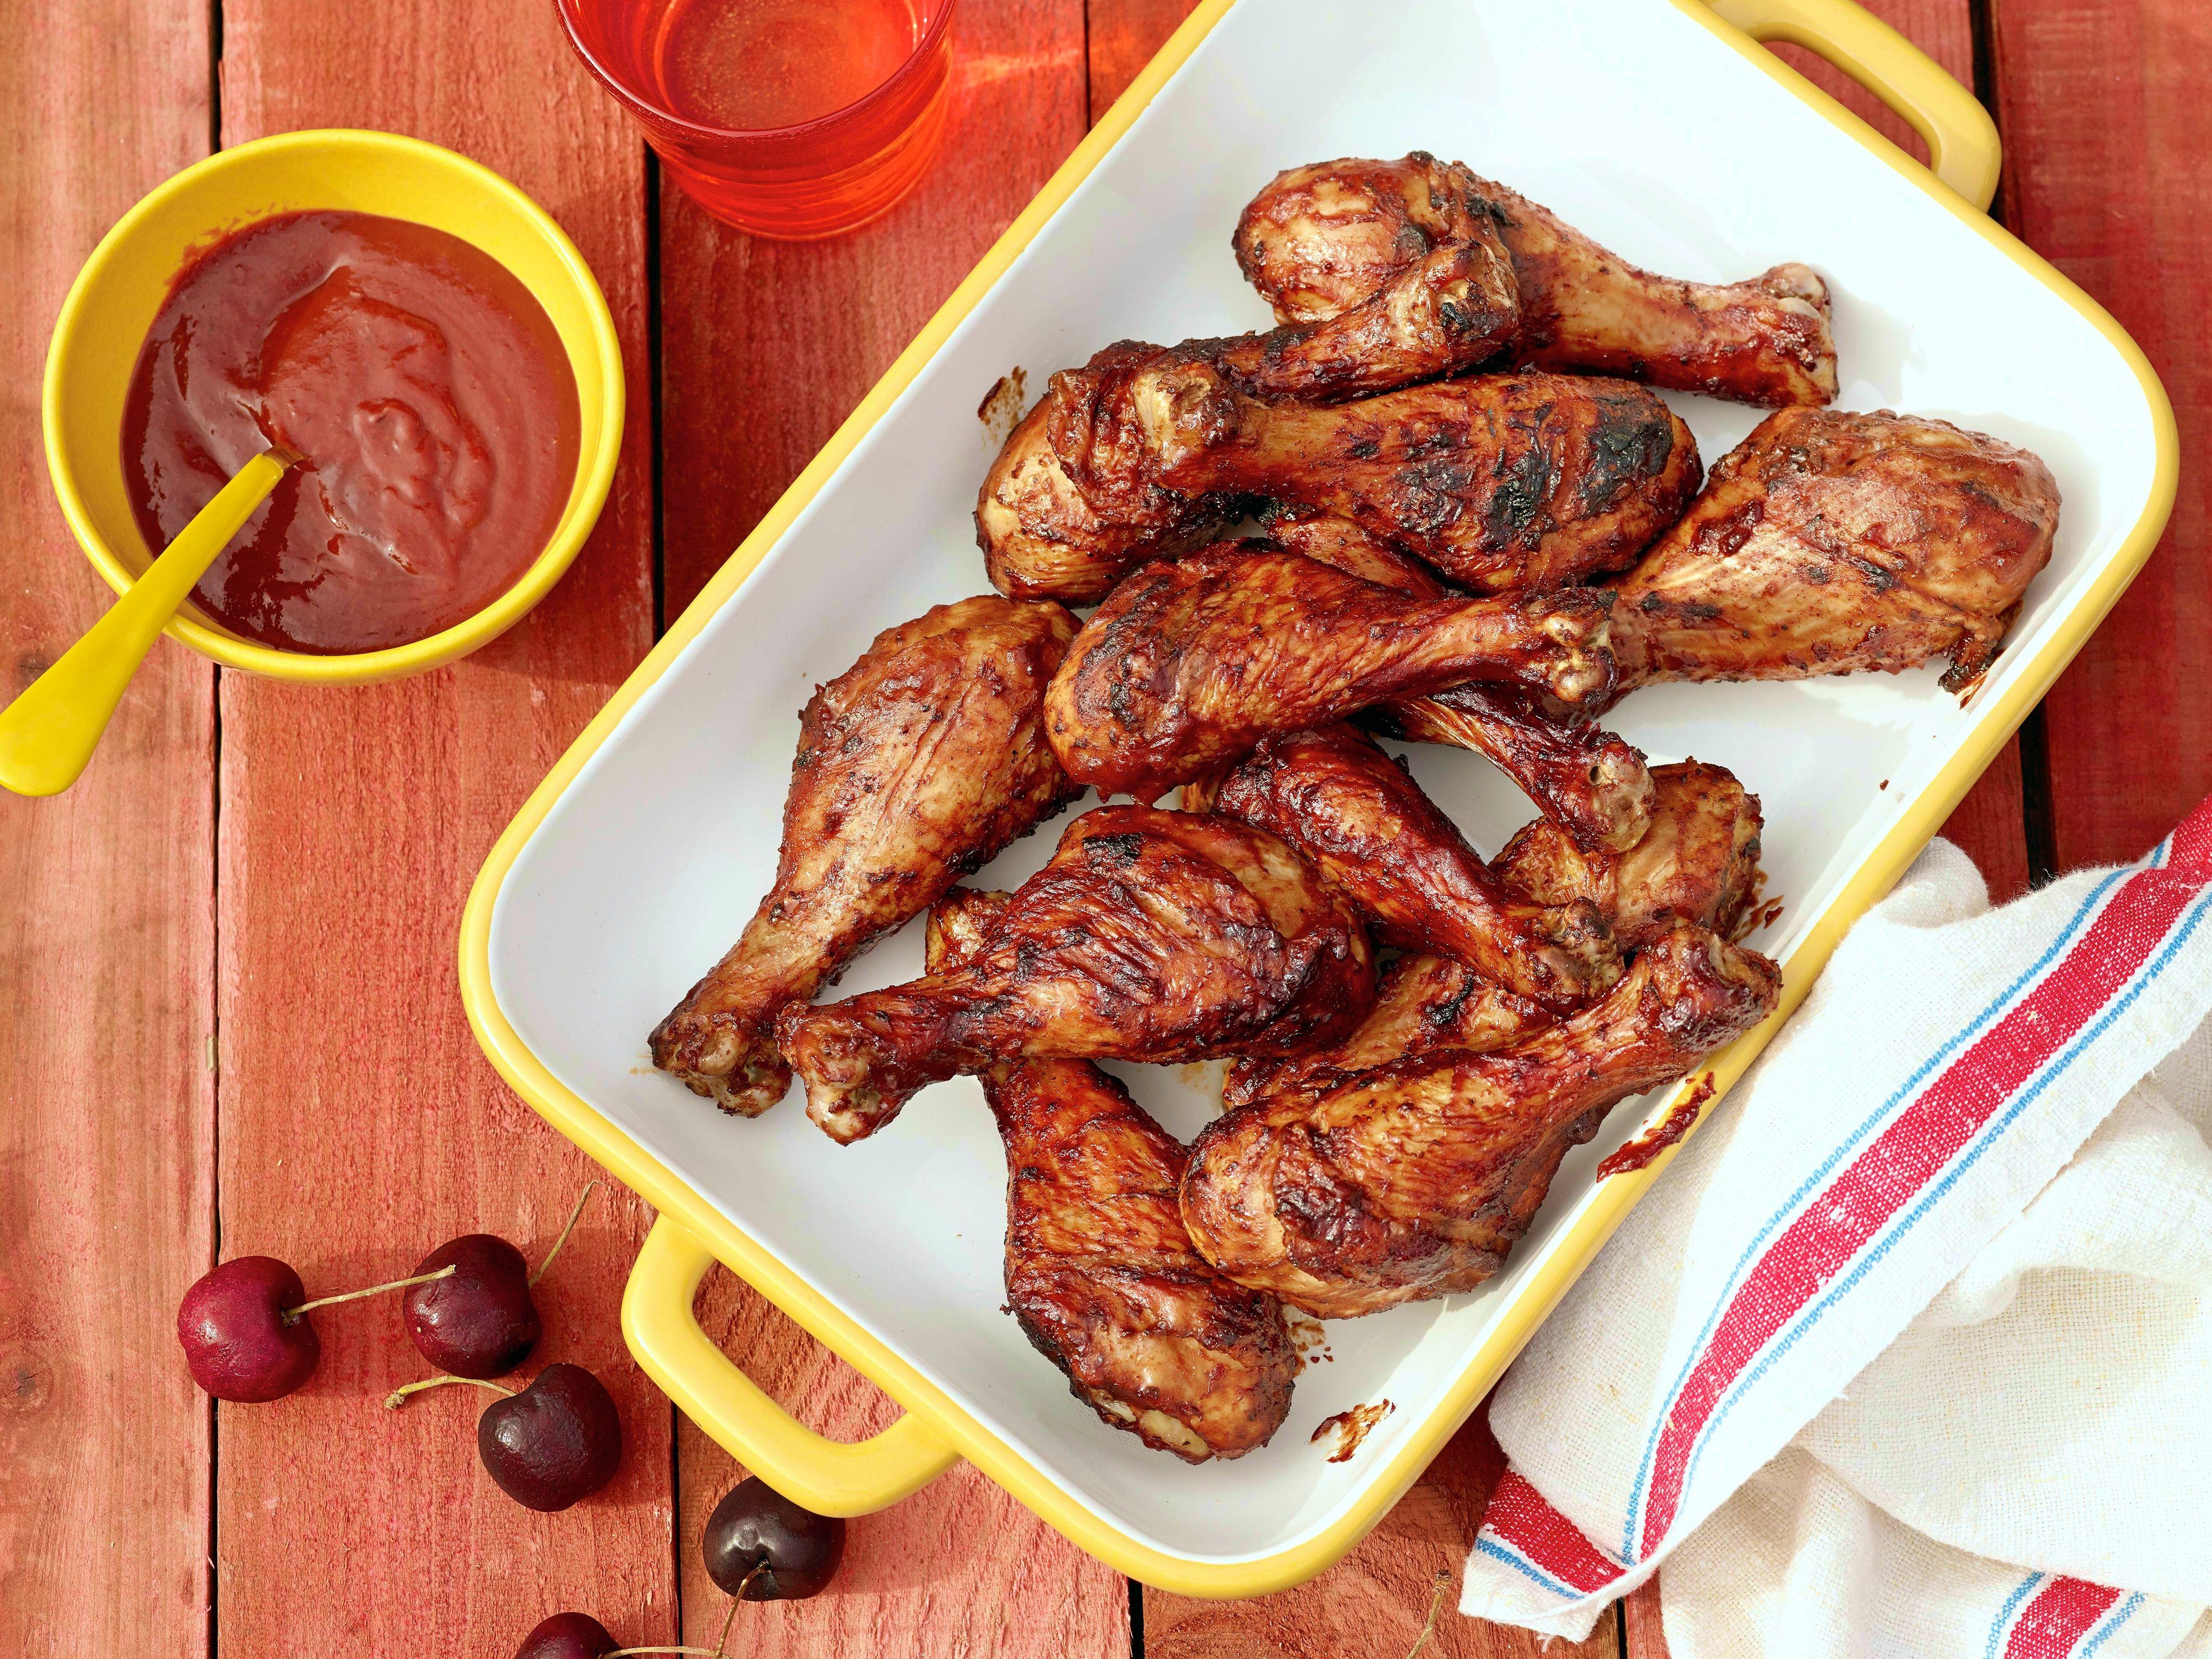 Cherry bbq chicken drumsticks recipe bbq chicken drumsticks cherry bbq chicken drumsticks forumfinder Gallery